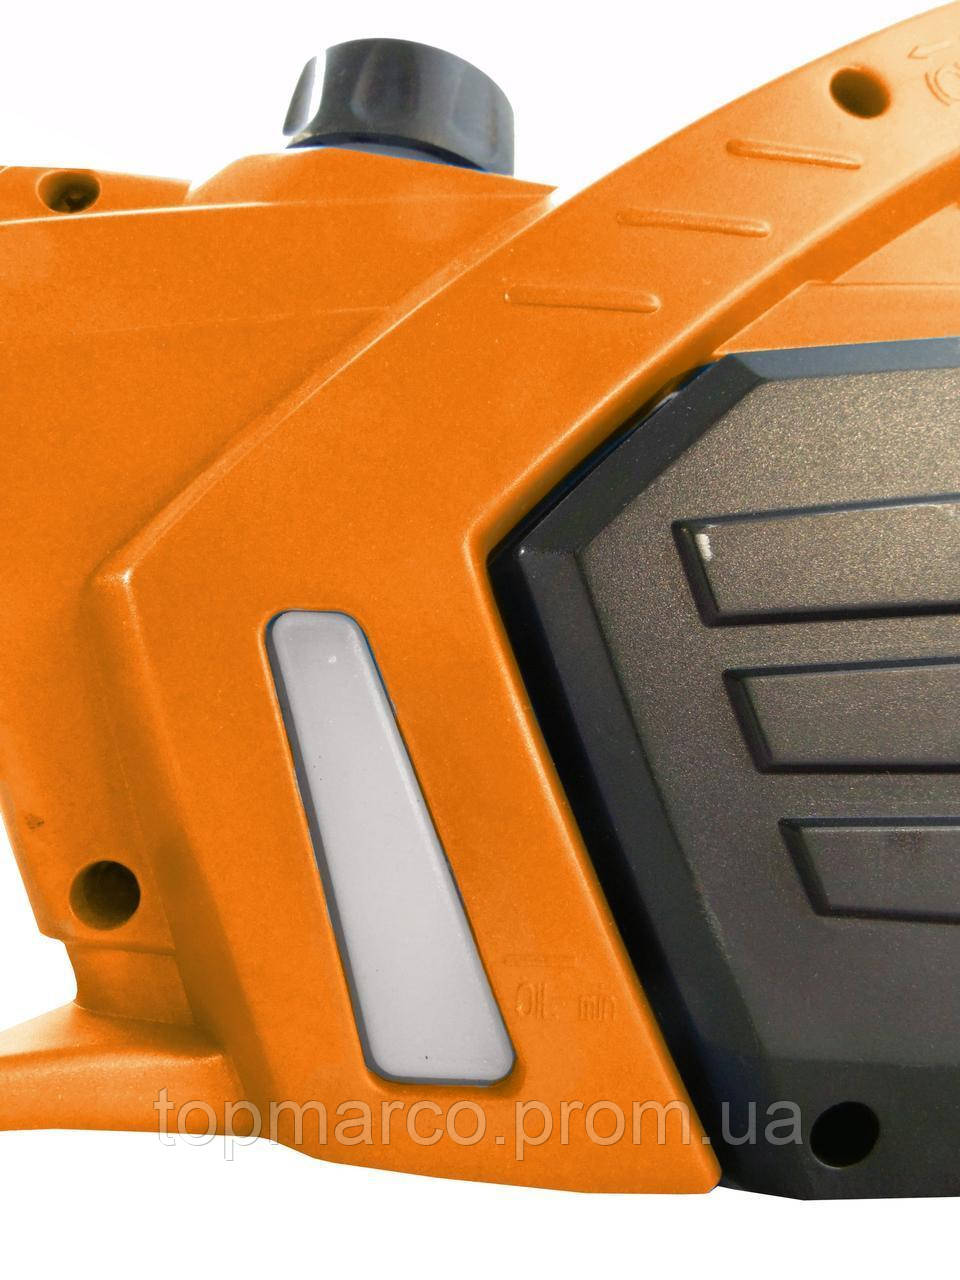 Пила цепная электрическая Handy GP1835 1800 ВТ 4